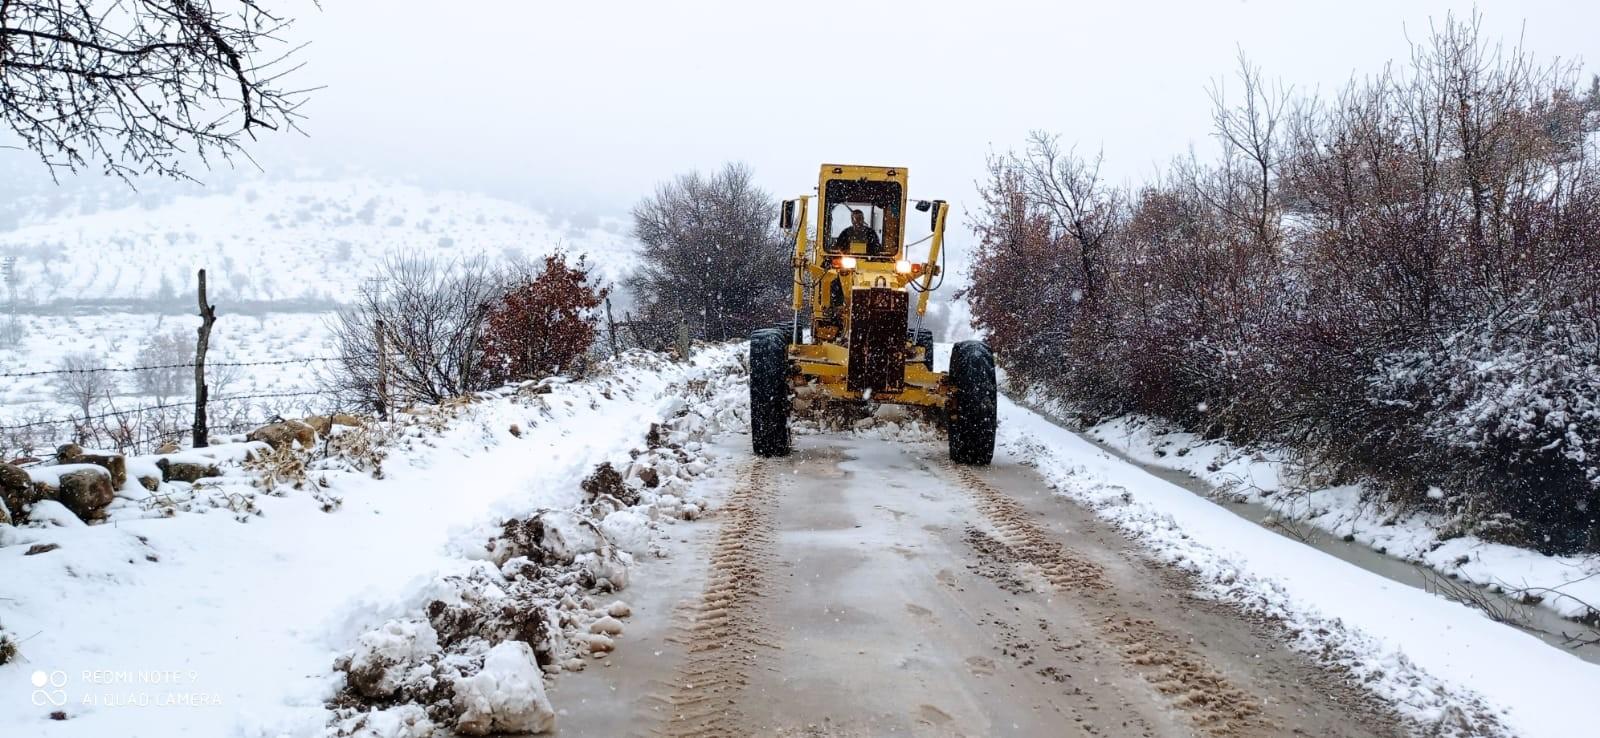 Mardin Büyükşehir Belediyesinden karla mücadele çalışmaları